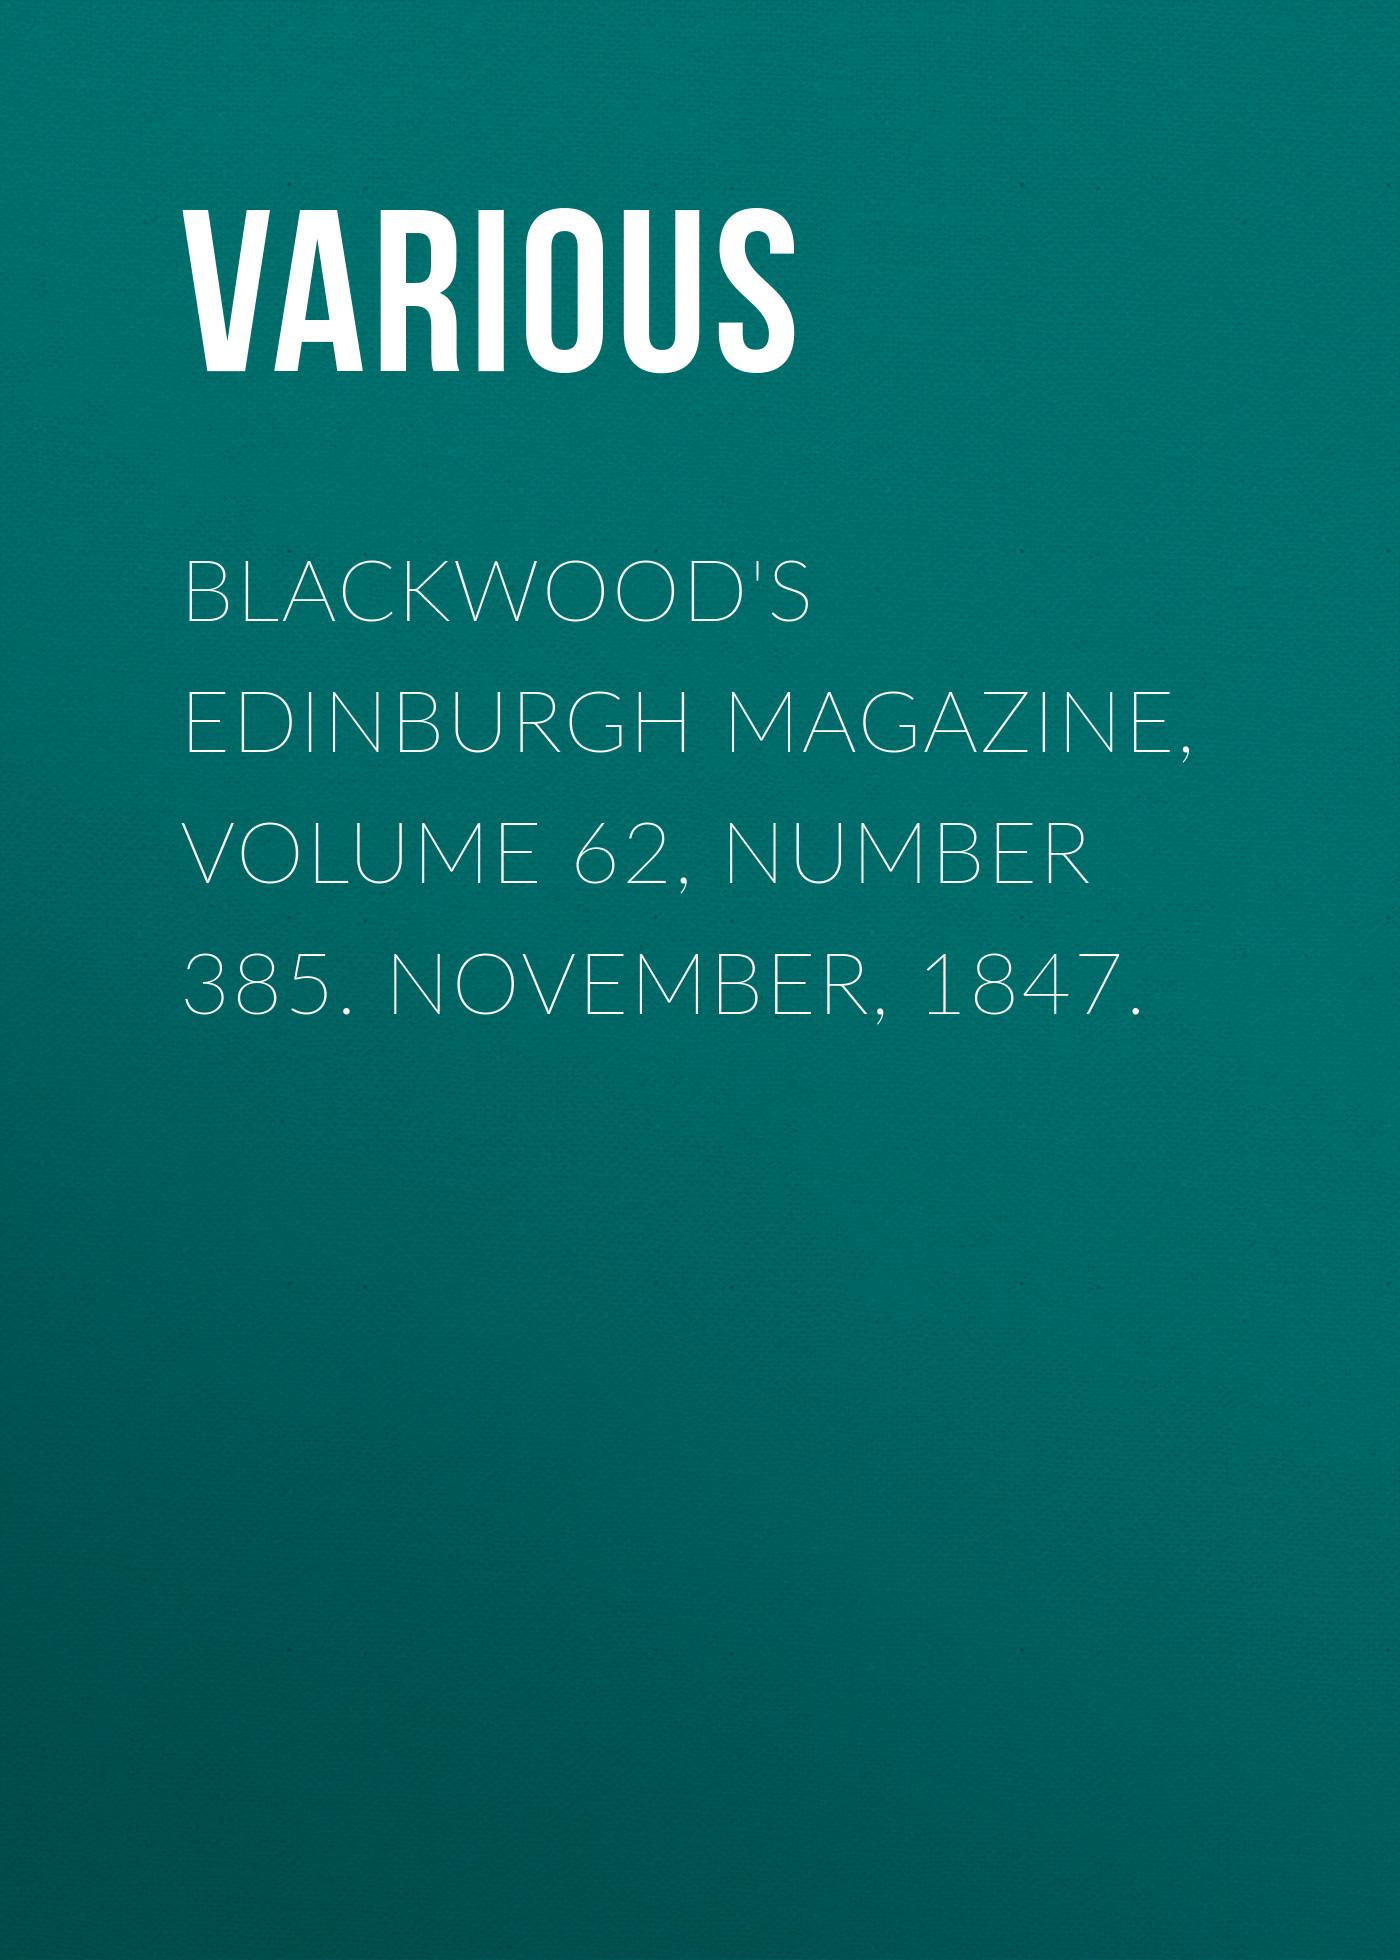 лучшая цена Various Blackwood's Edinburgh Magazine, Volume 62, Number 385. November, 1847.